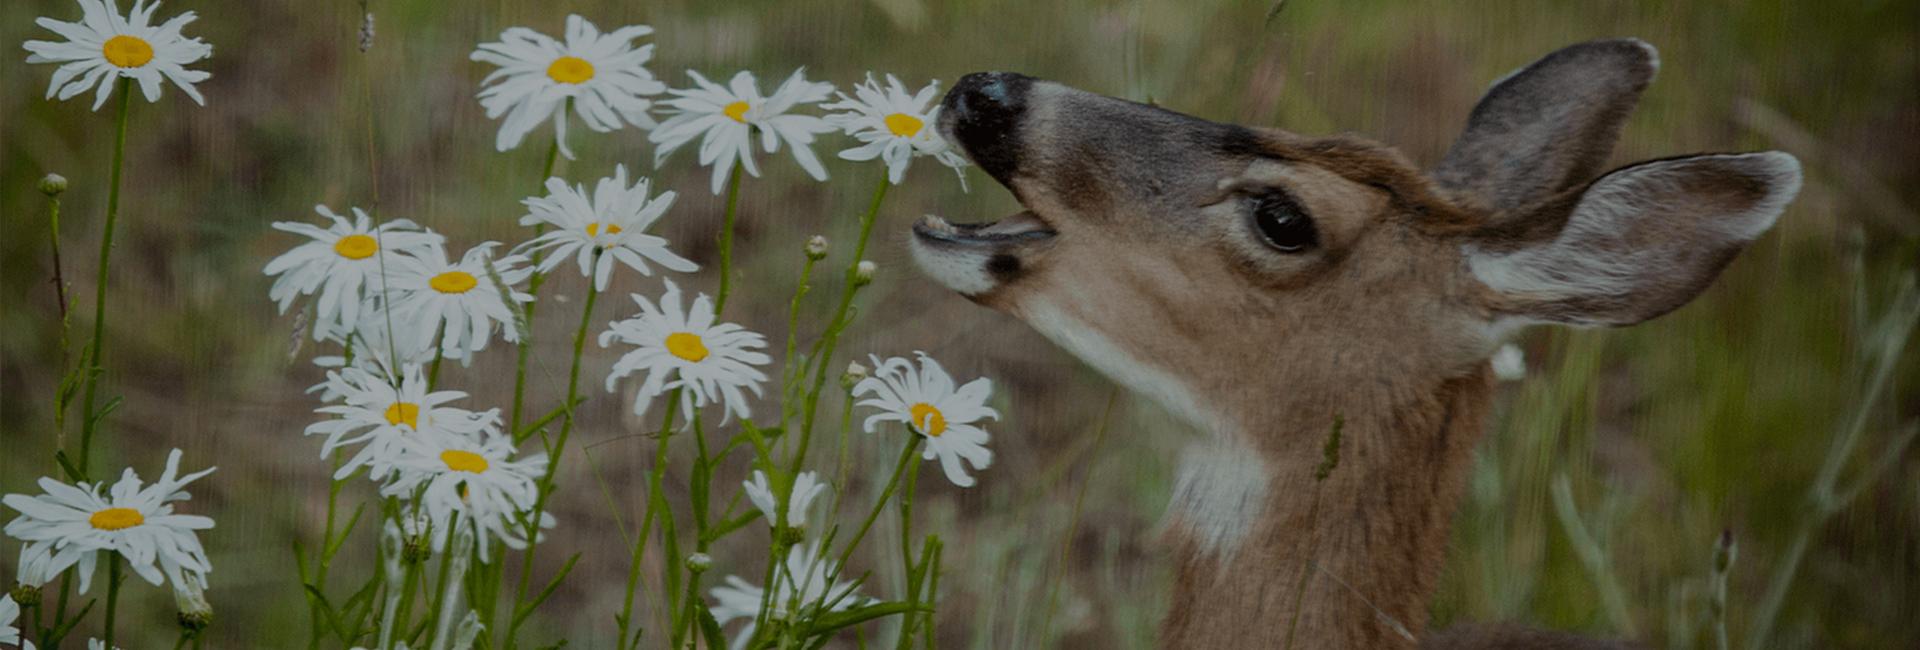 Deer Repellent Specialists®